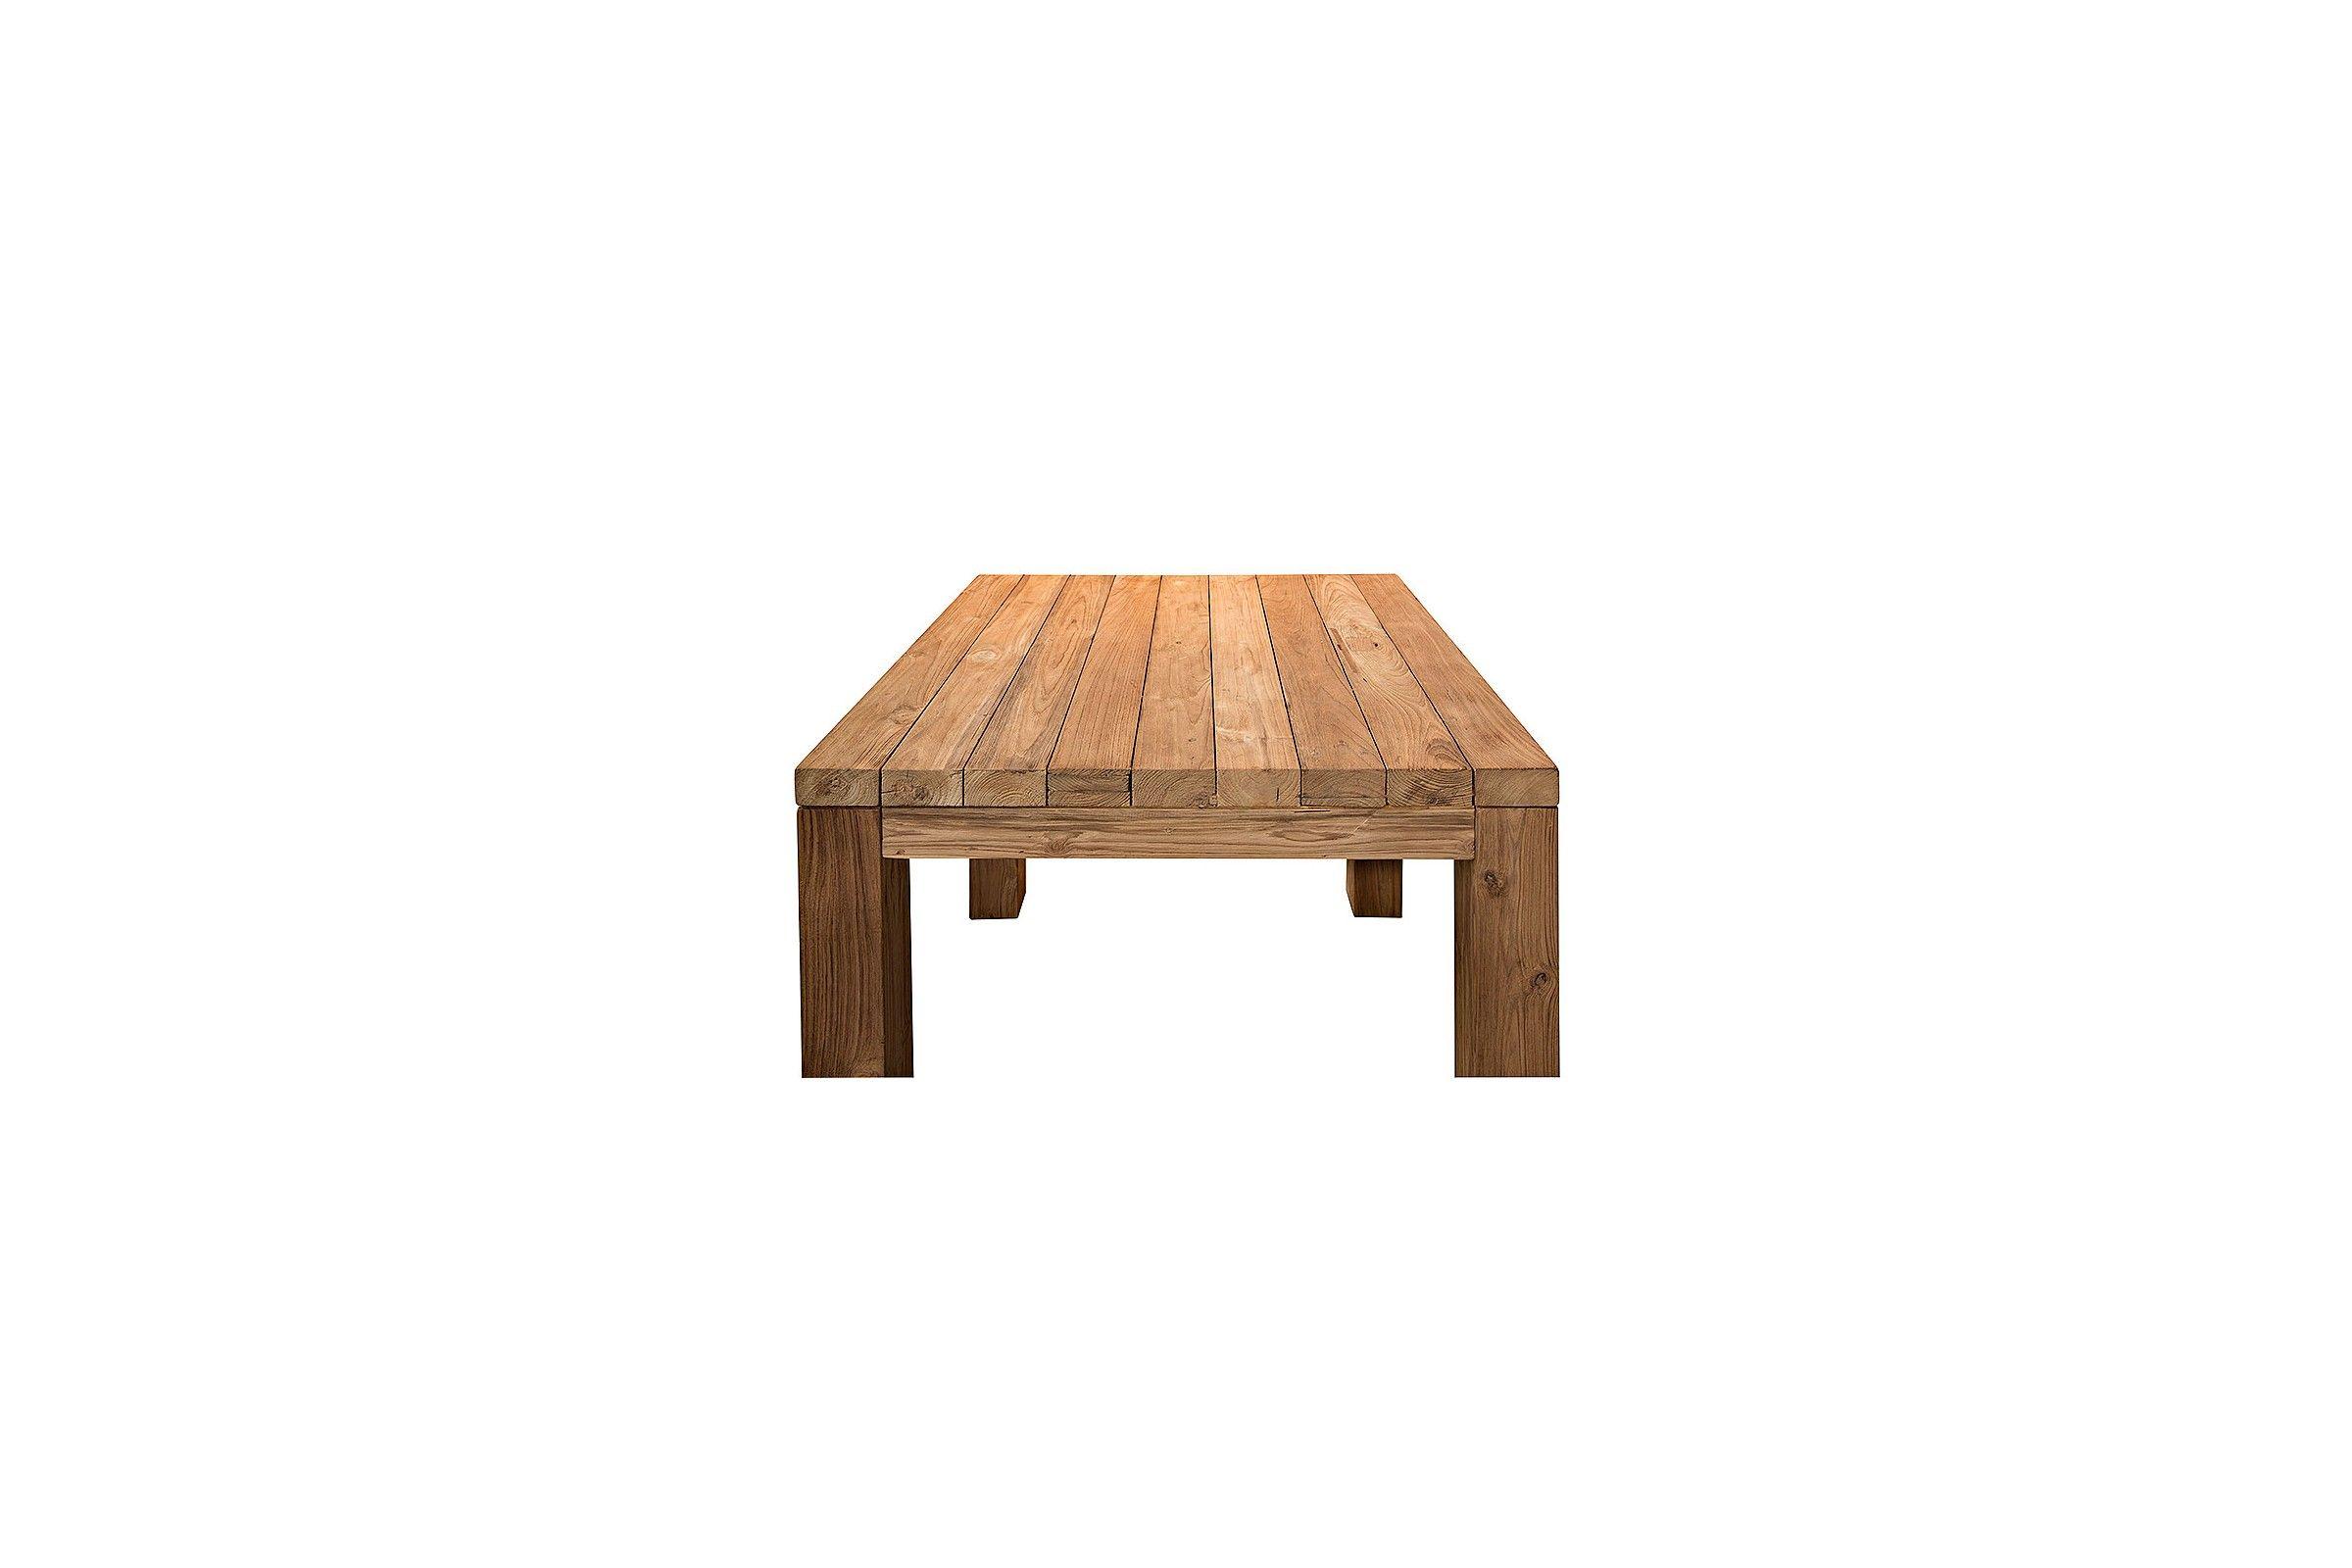 Table carr e vieux teck massif 90 x 90 cm mod le for Table exterieur teck massif